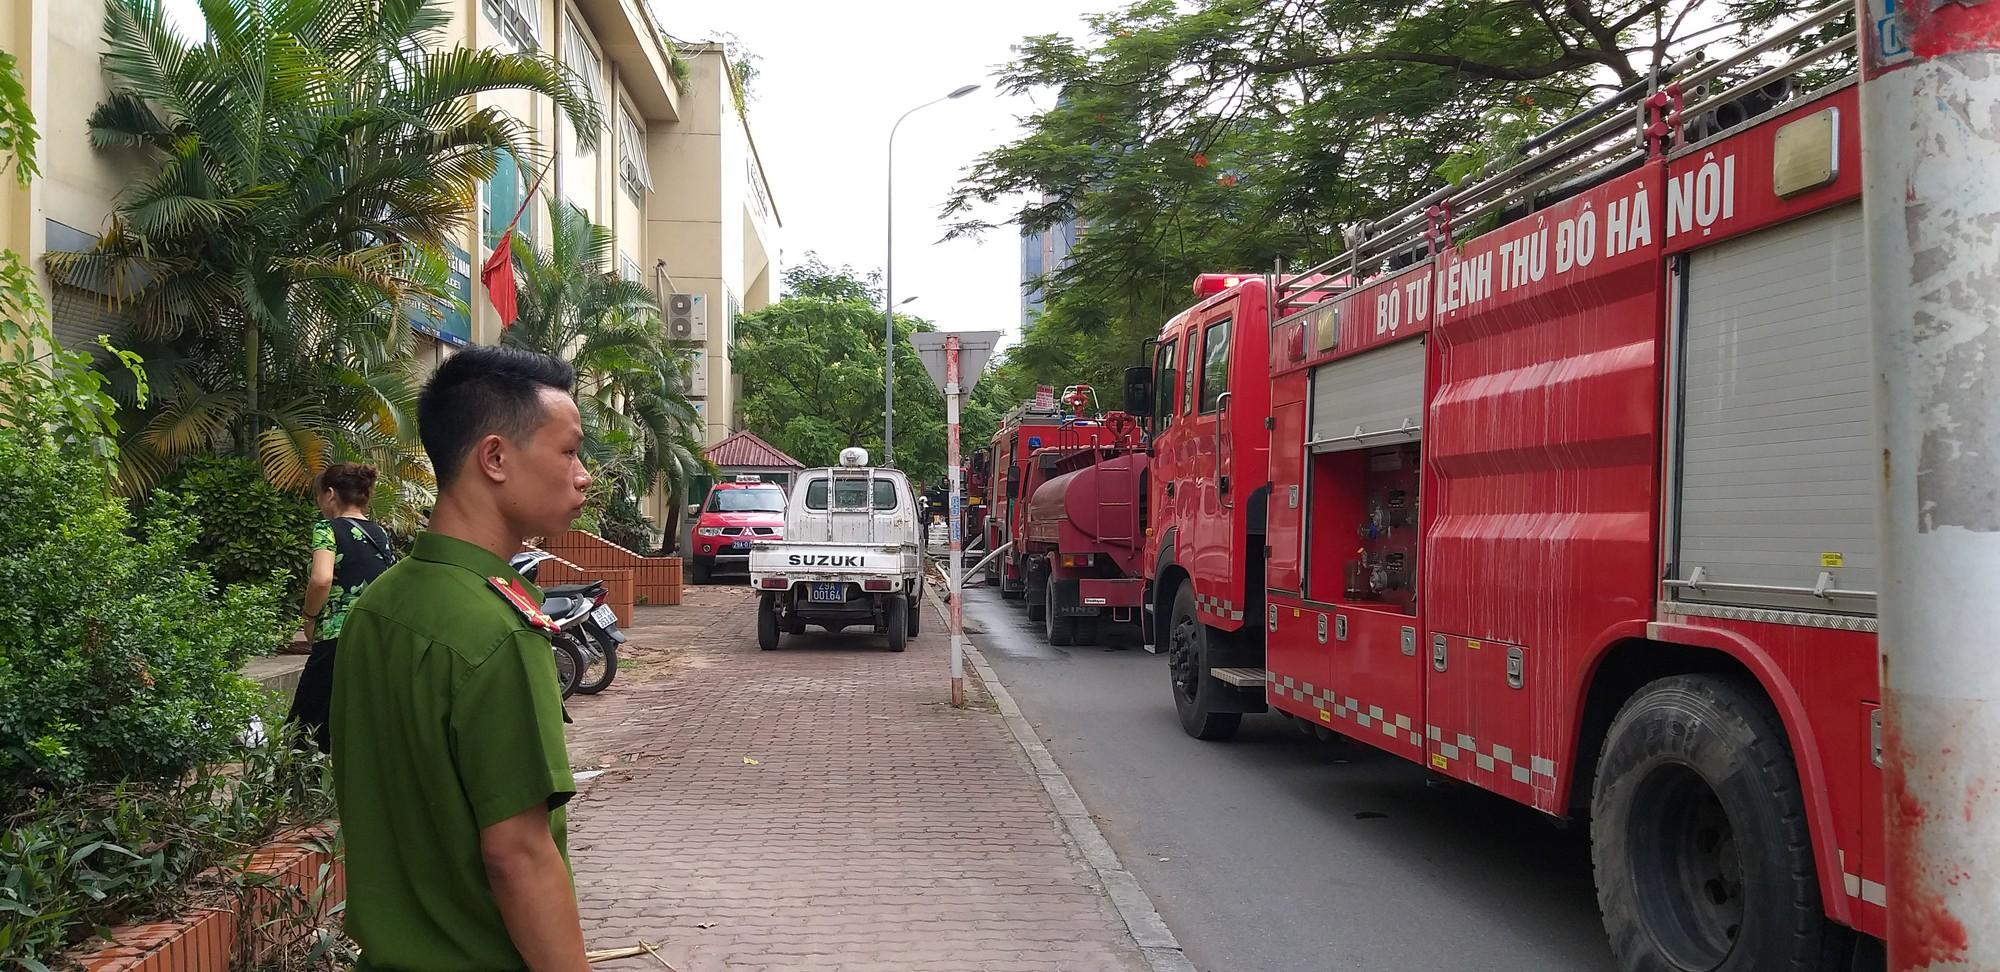 Hà Nội: Chung cư cao tầng bốc cháy dữ dội, hàng trăm cư dân tháo chạy hoảng loạn-9